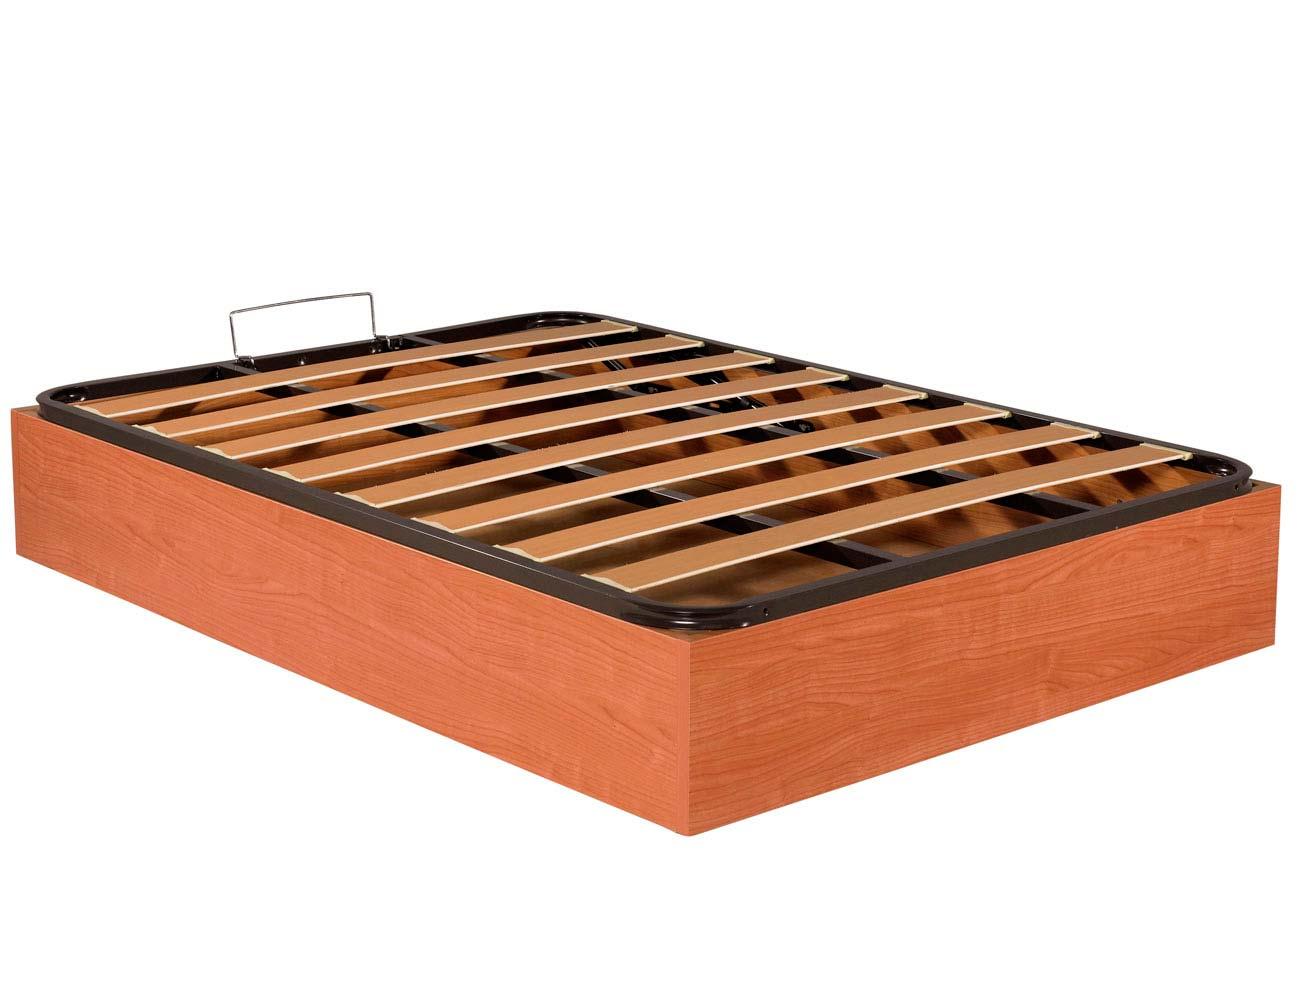 Canape madera tajo barato basic